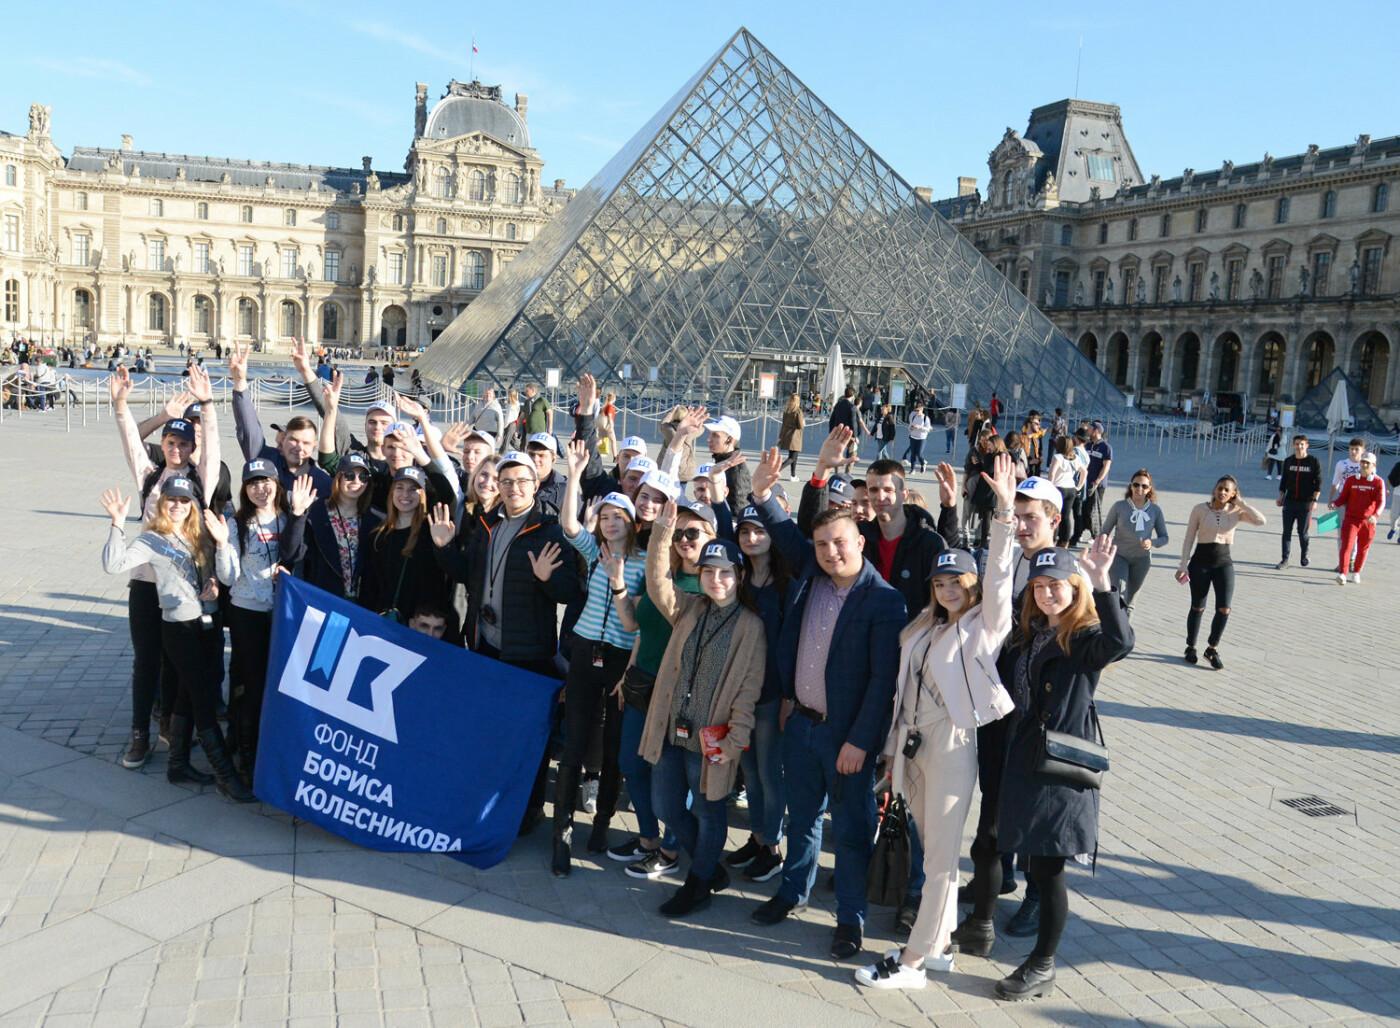 Студентка из Херсона выиграла престижный конкурс и побывала в Париже  , фото-1